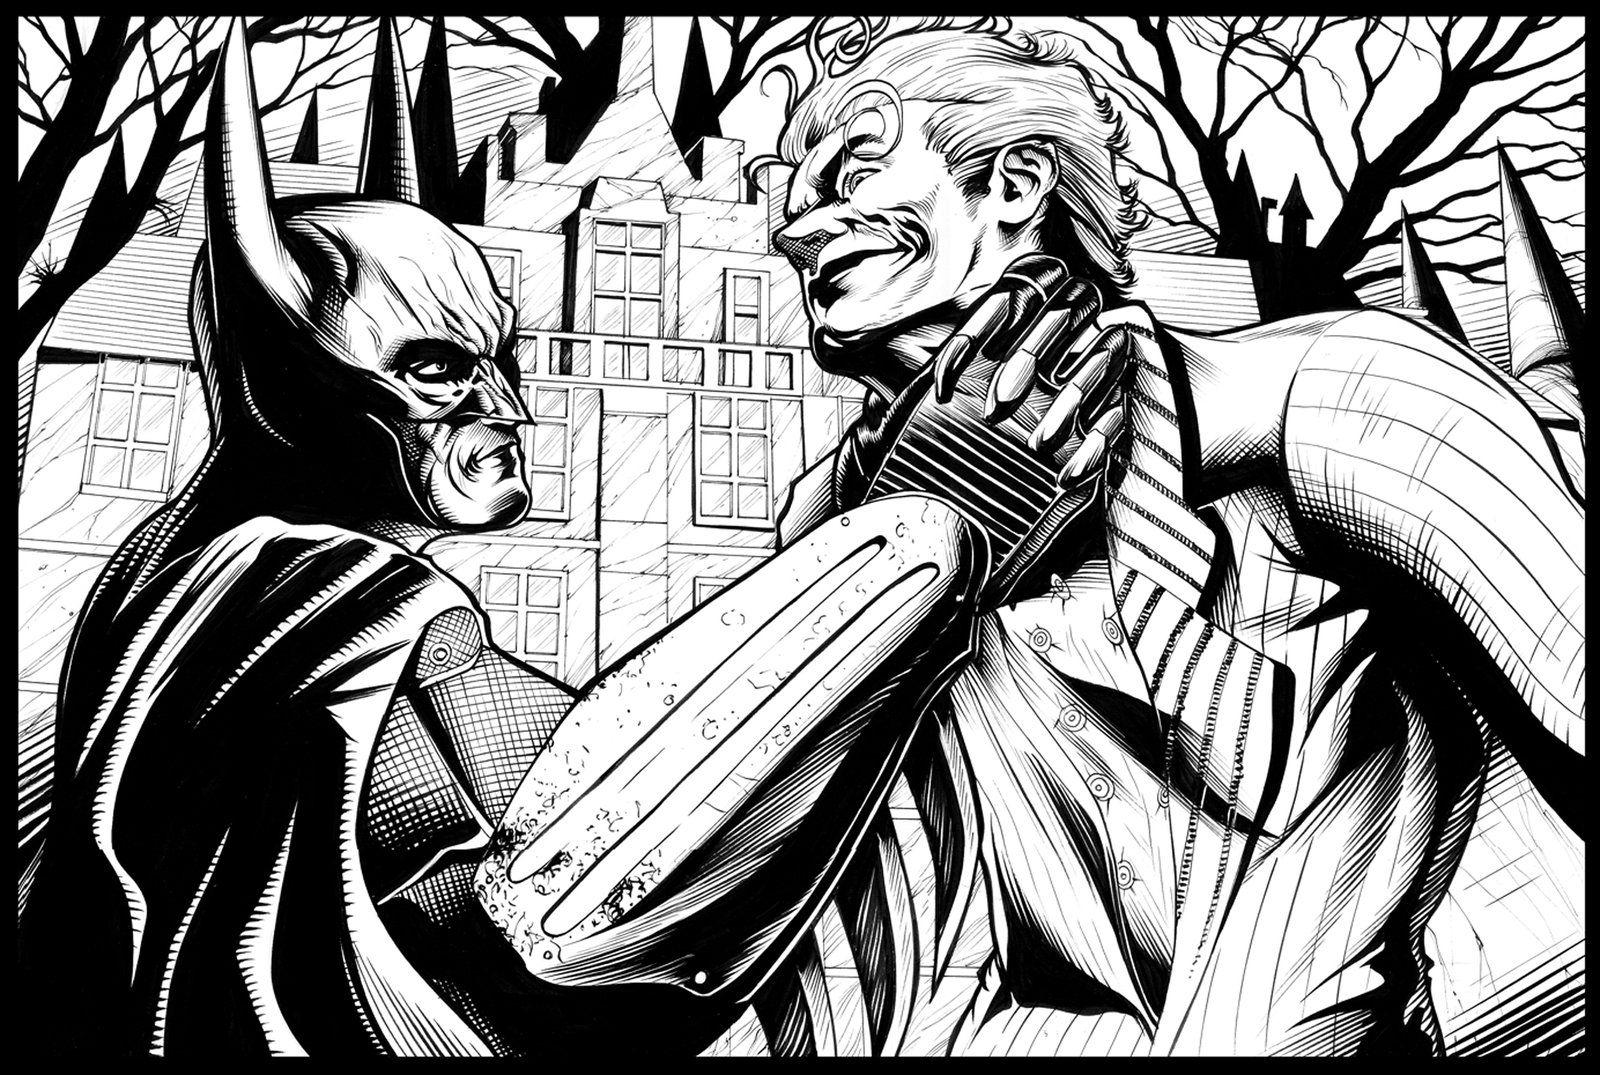 Batman Arkham Asylum By Ashasylum On Deviantart Batman Printables Batman Coloring Pages Batman Arkham Asylum